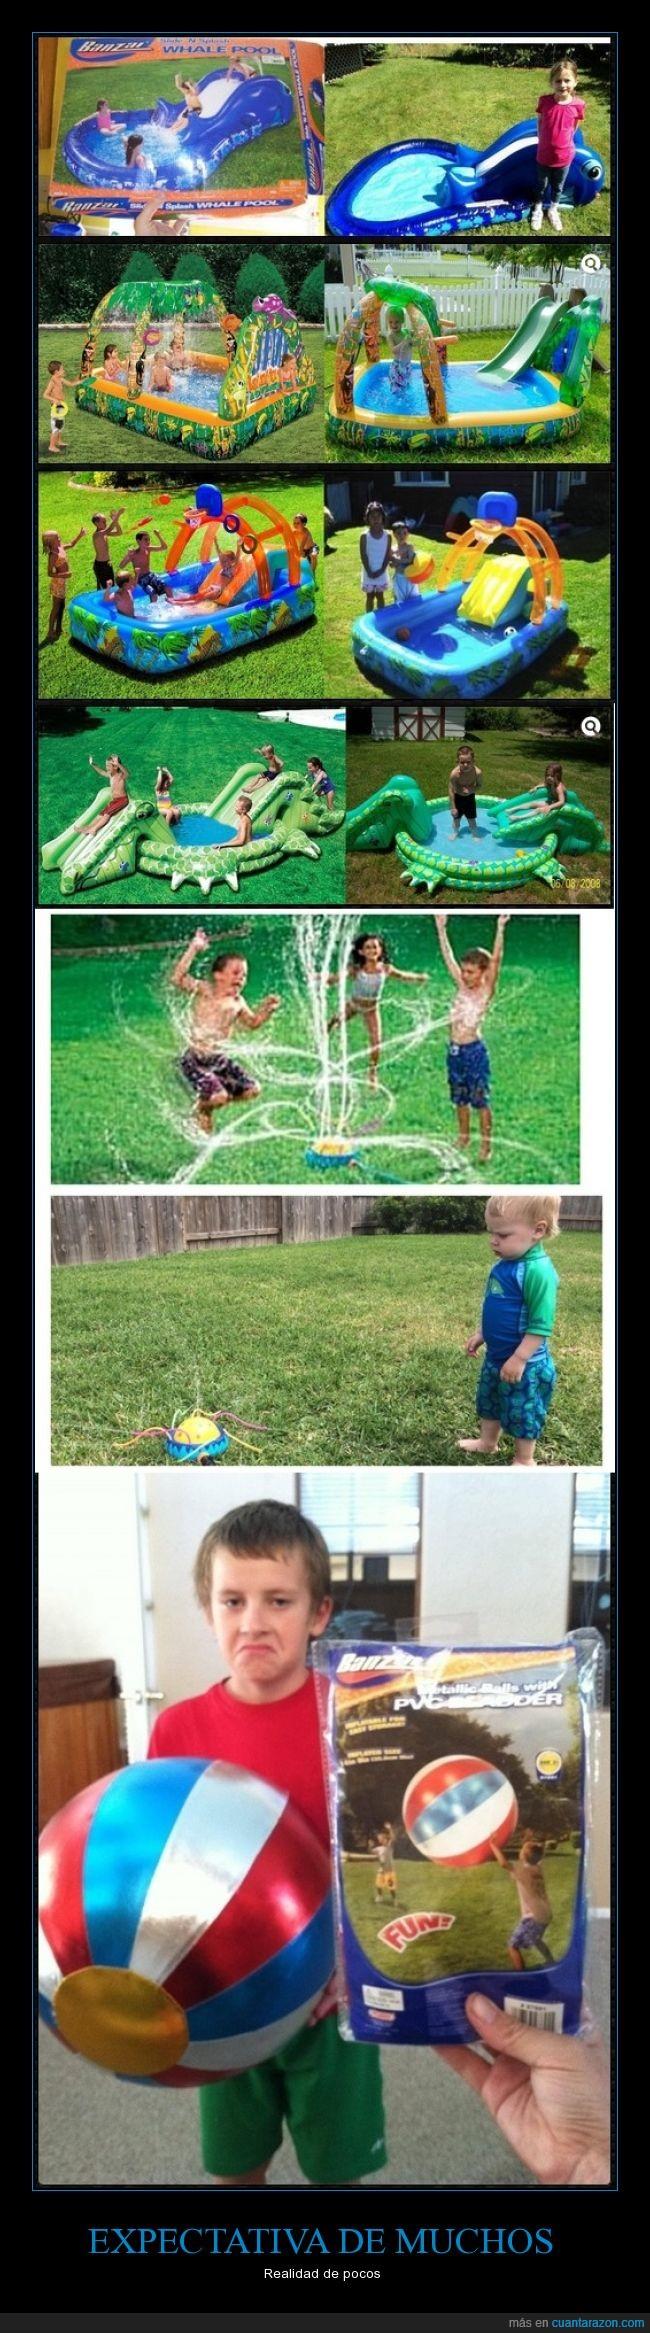 Expectativa,felices,globos,niños,piscinas,realidad